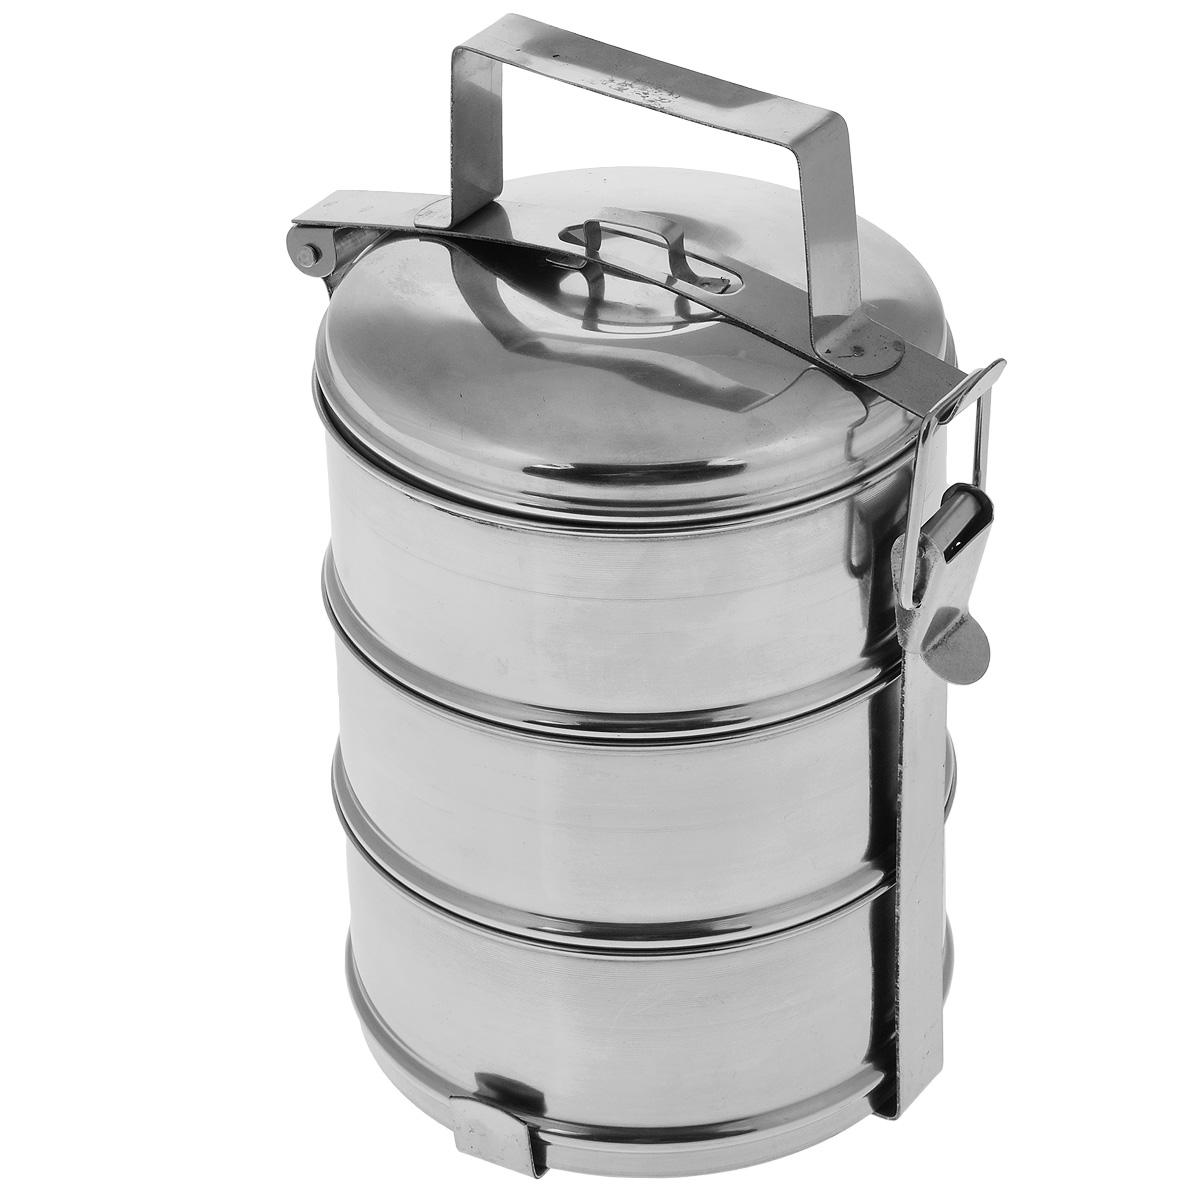 Ланч-бокс Padia, 14 см х 26 см, 3 контейнераSC-FD421004Ланч-бокс Padia станет незаменимой вещью для офисных работников, водителей, путешественников и туристов. Изделие представляет собой 3 круглых контейнера, изготовленных из нержавеющей стали и предназначенных для переноски и хранения пищевых продуктов. Для удобства и компактности контейнеры вставляются один в другой и закрываются сверху крышкой. Ланч-бокс оснащен механизмом, благодаря которому все контейнеры фиксируются в одном положении и во время транспортировки не падают. Такой ланч-бокс идеален для пикников и путешествий. Вы можете носить в нем обеды и завтраки, супы, закуски, фрукты, овощи и другое. Размер одного контейнера: 14 см х 14 см х 6,5 см.Общий размер ланч-бокса (с учетом крышки): 14 см х 14 см х 26 см.